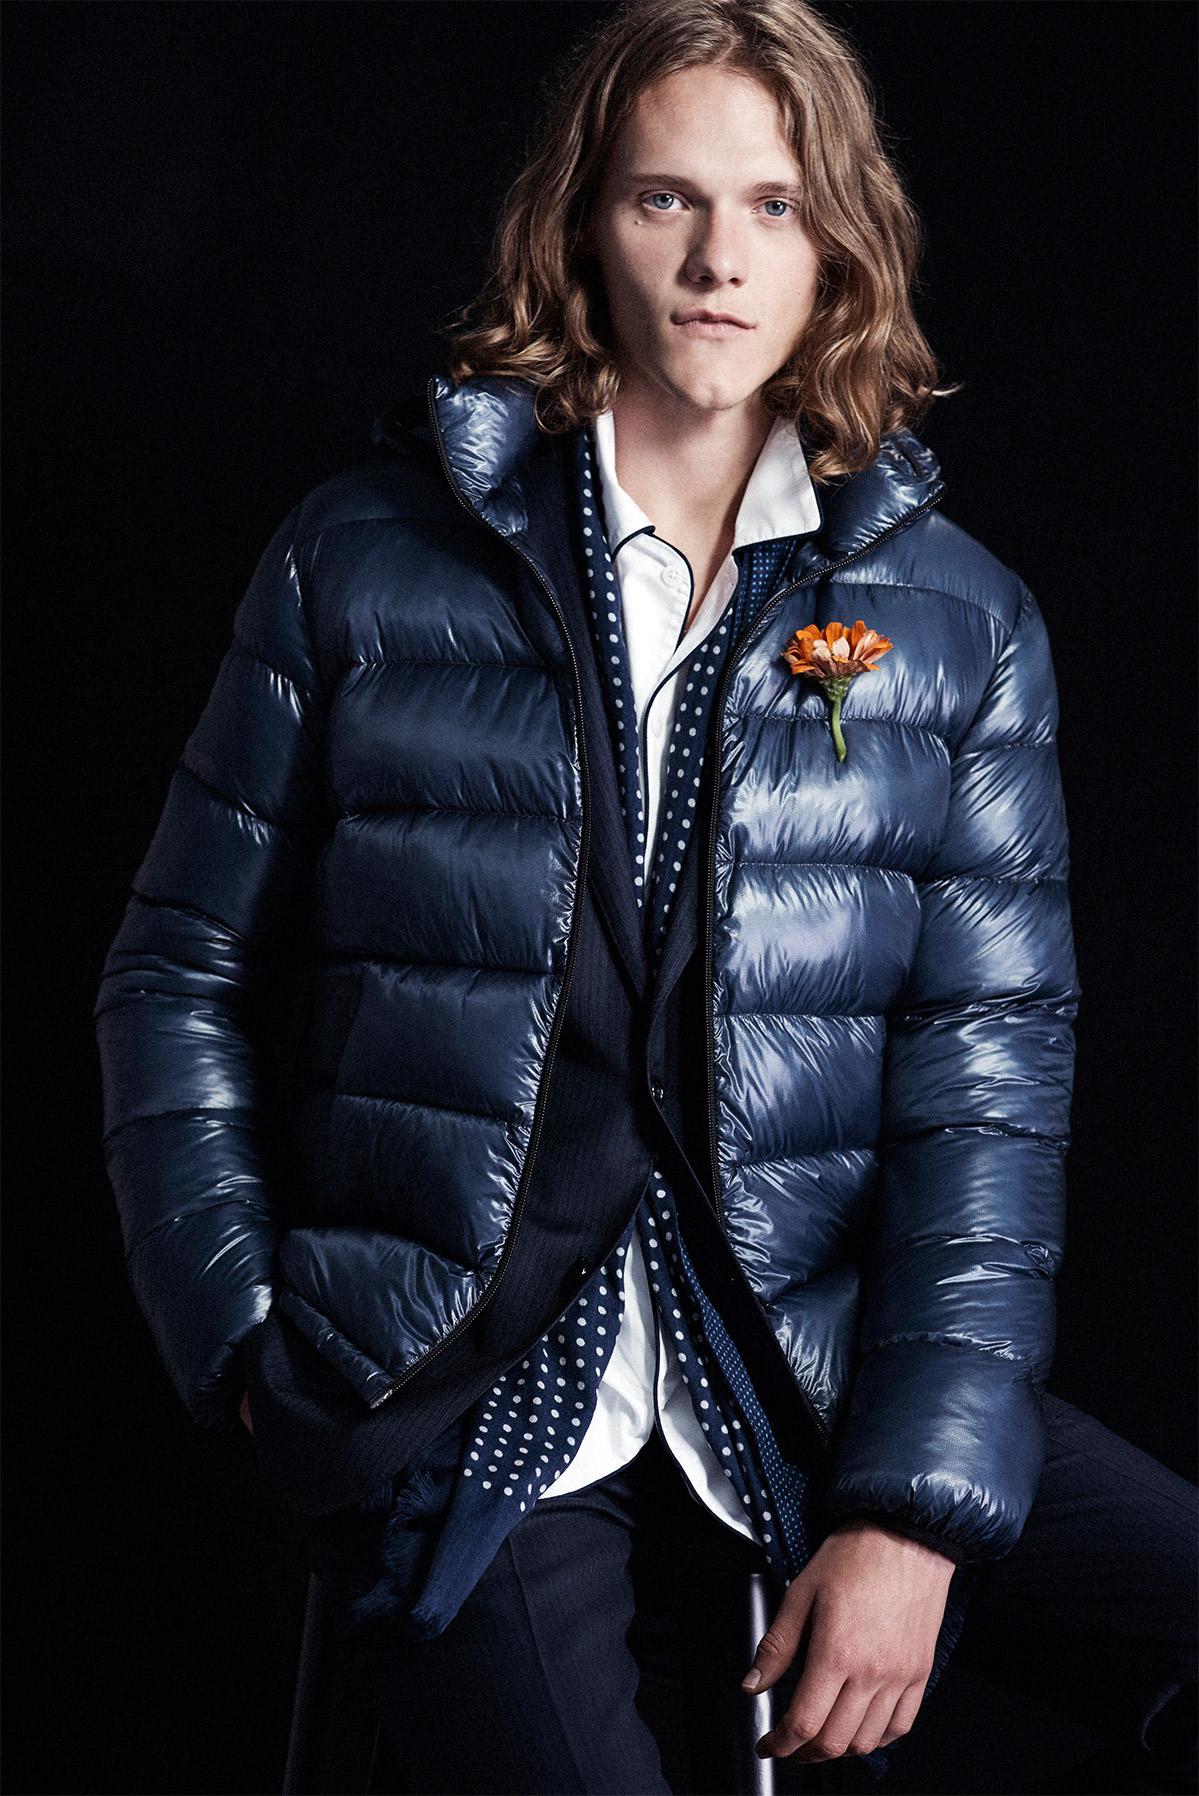 Model wearing puffer jacket